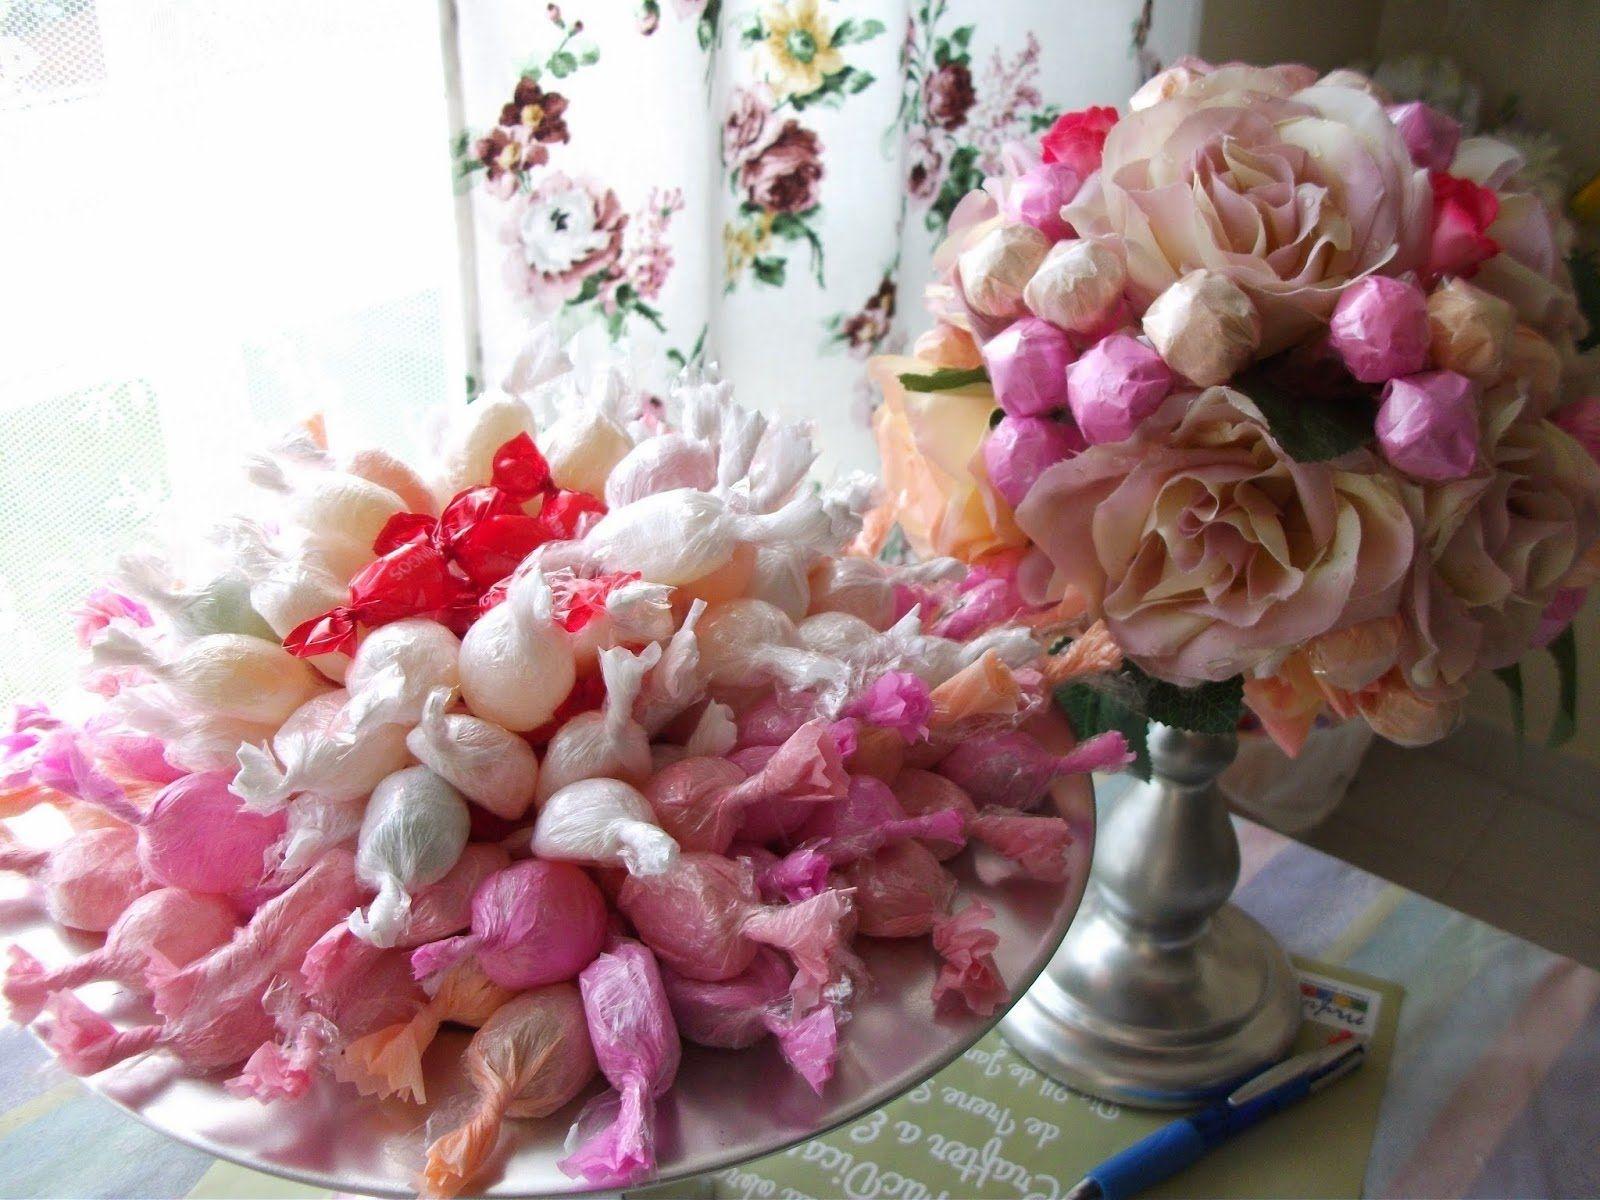 Balinhas decoradas como fazer ♥